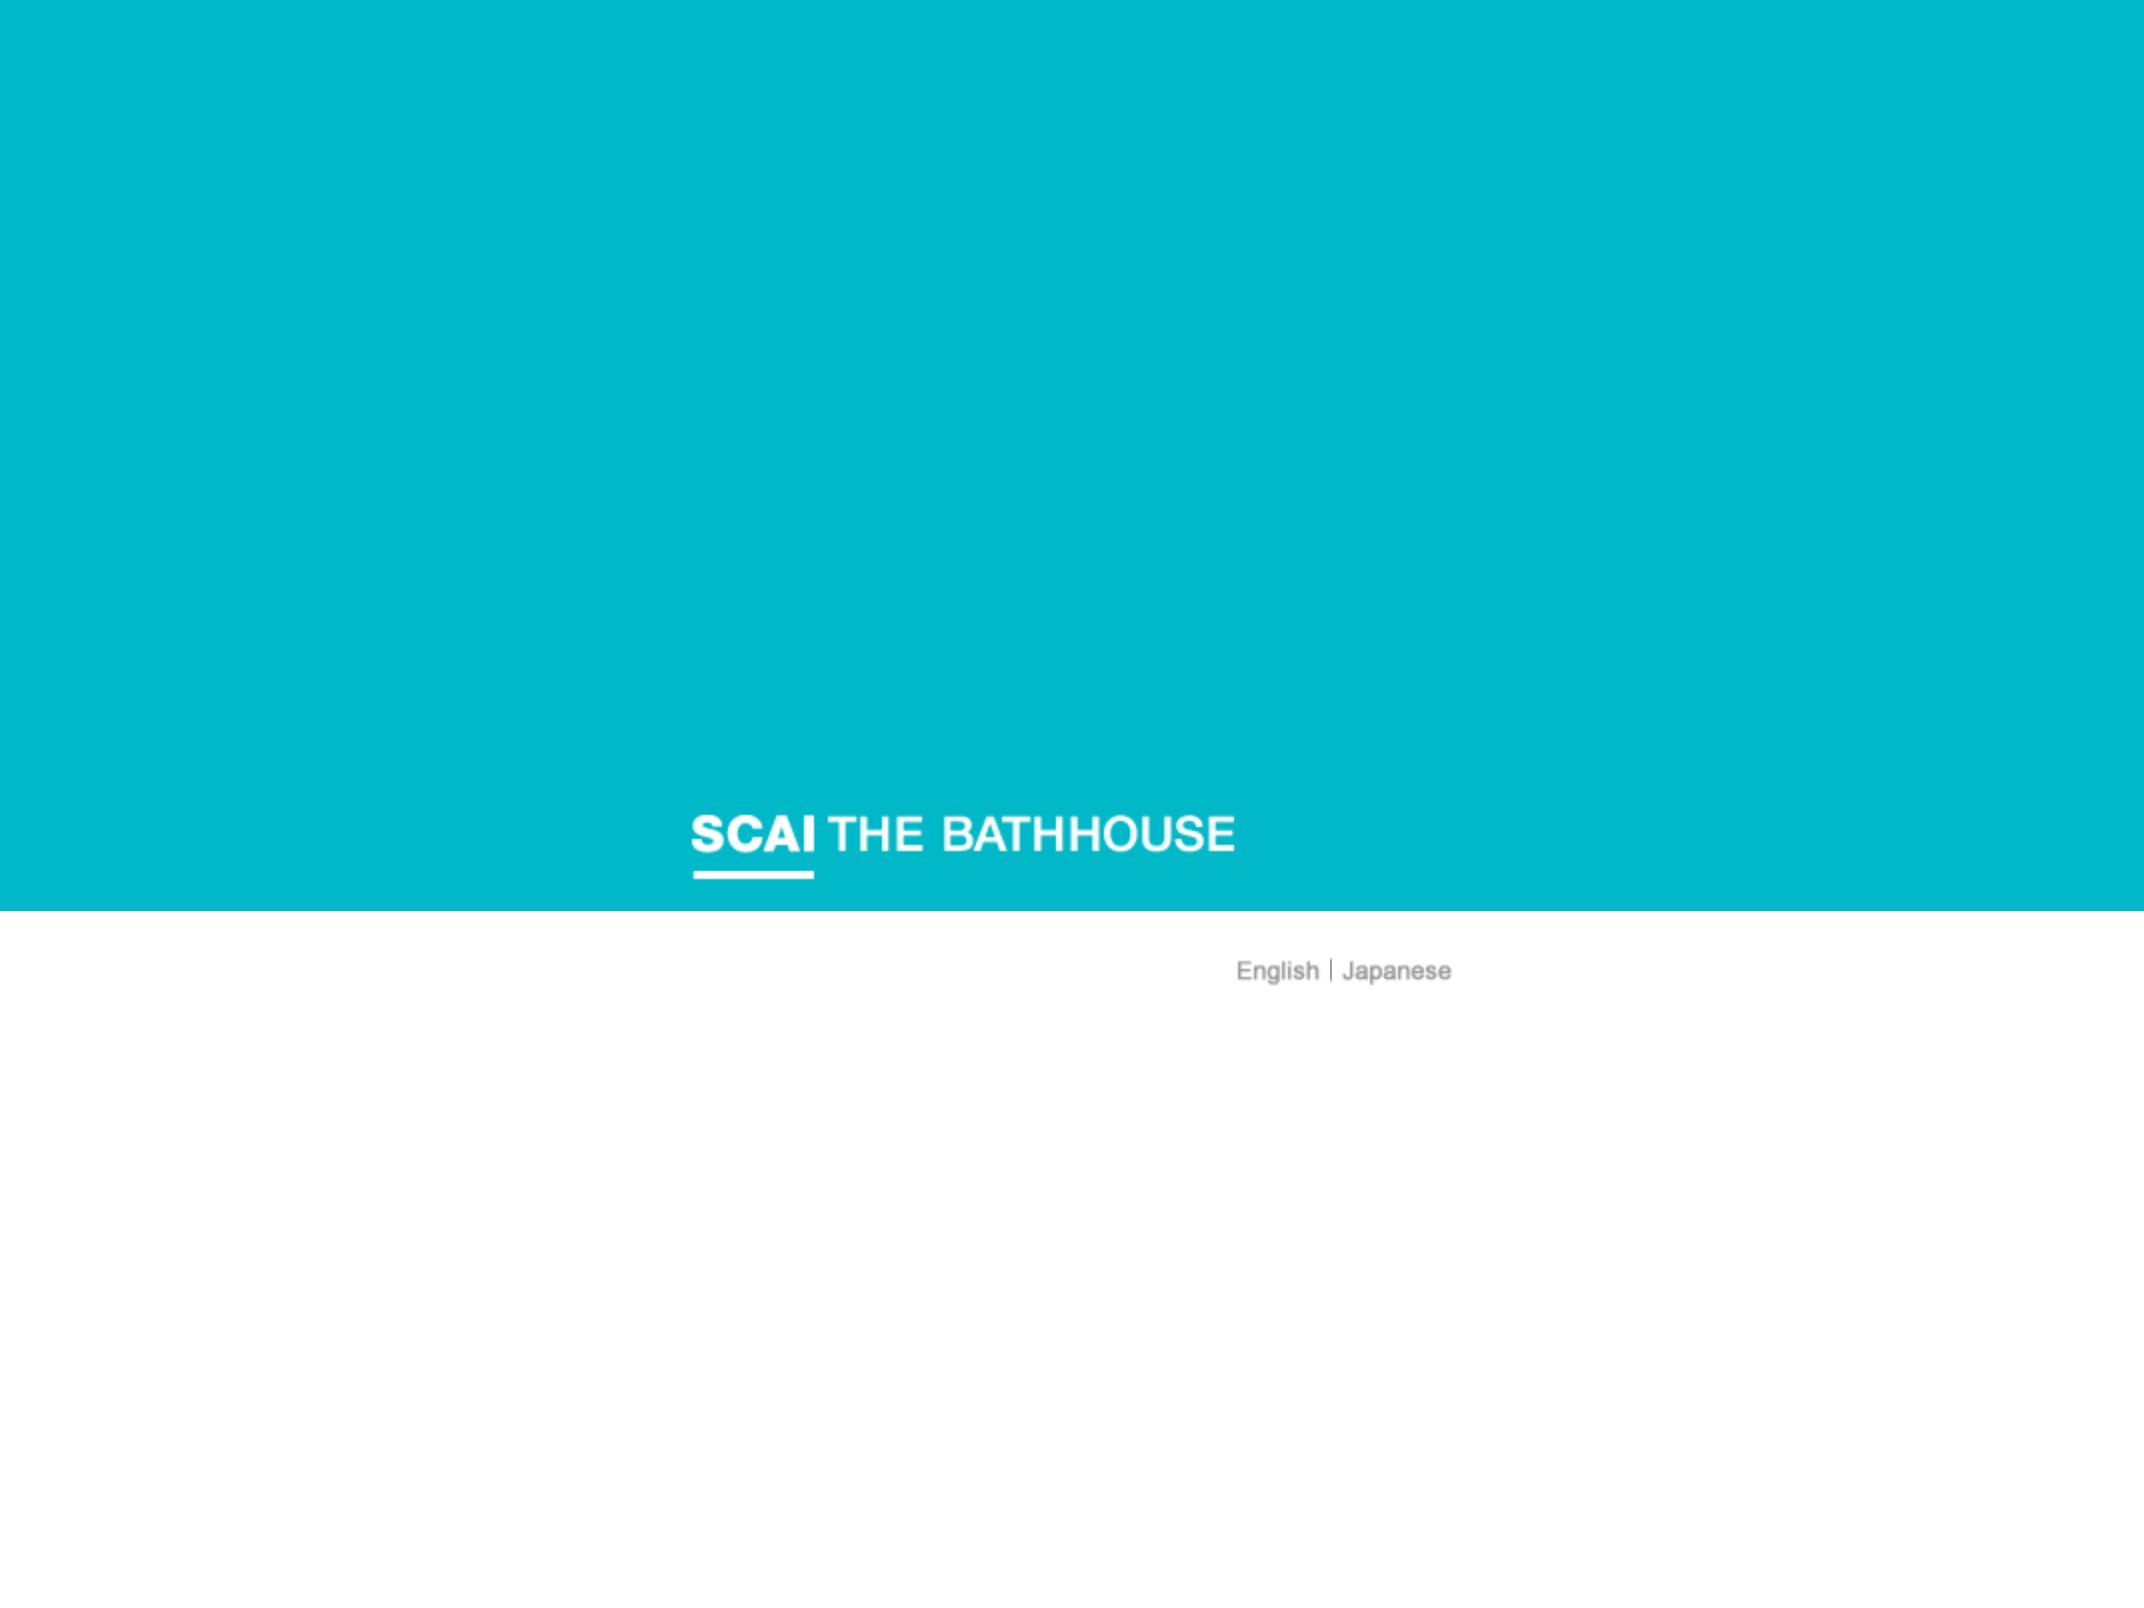 scaithebathhouse